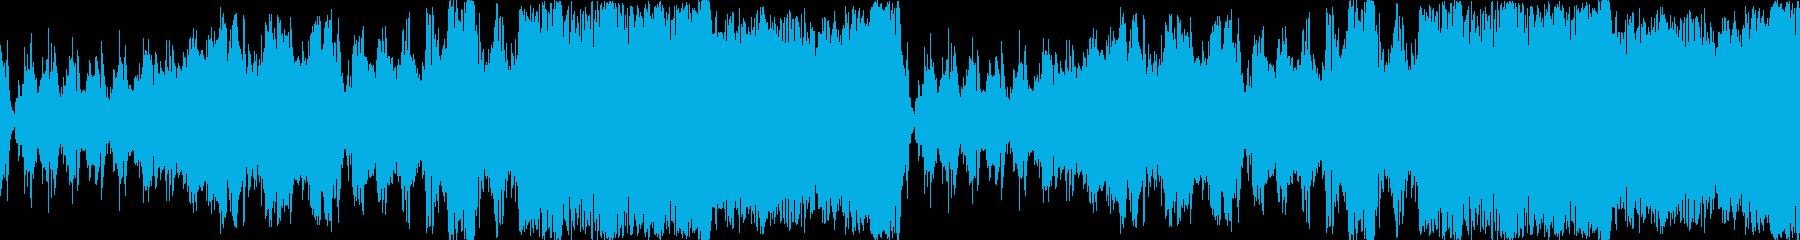 緊迫感あるローテンポオーケストラ、ループの再生済みの波形